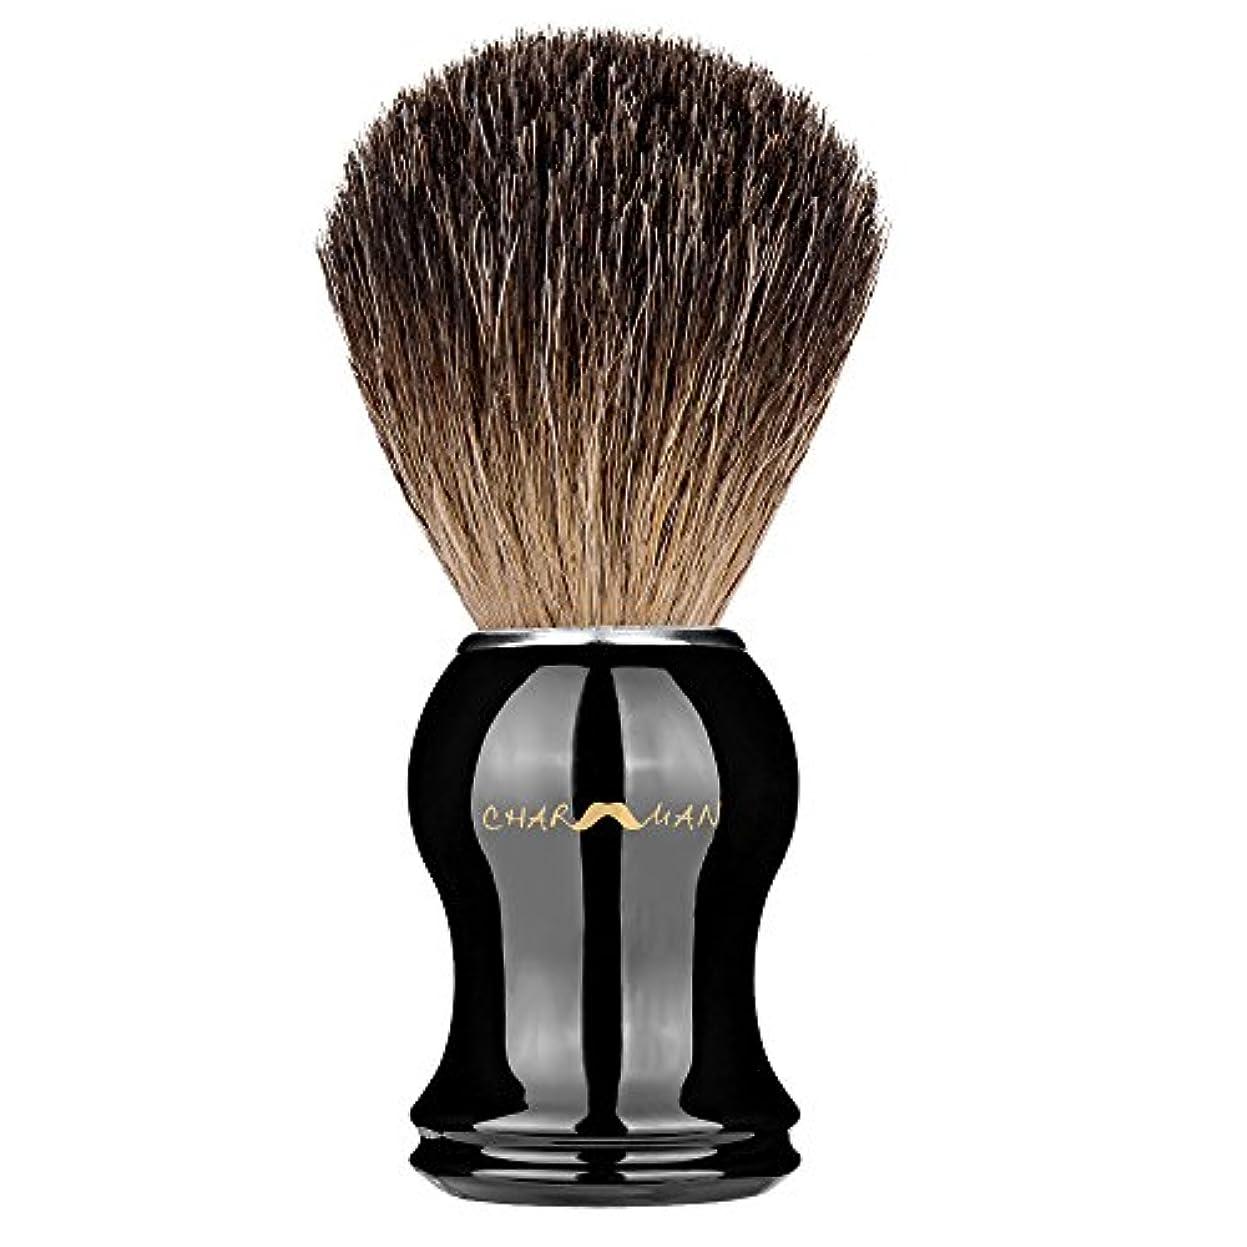 オーバーヘッドブリーフケースいらいらさせるcharmmanクラッシク100%アナグマ毛シェービングブラシ ハンドメイド ギフト包装